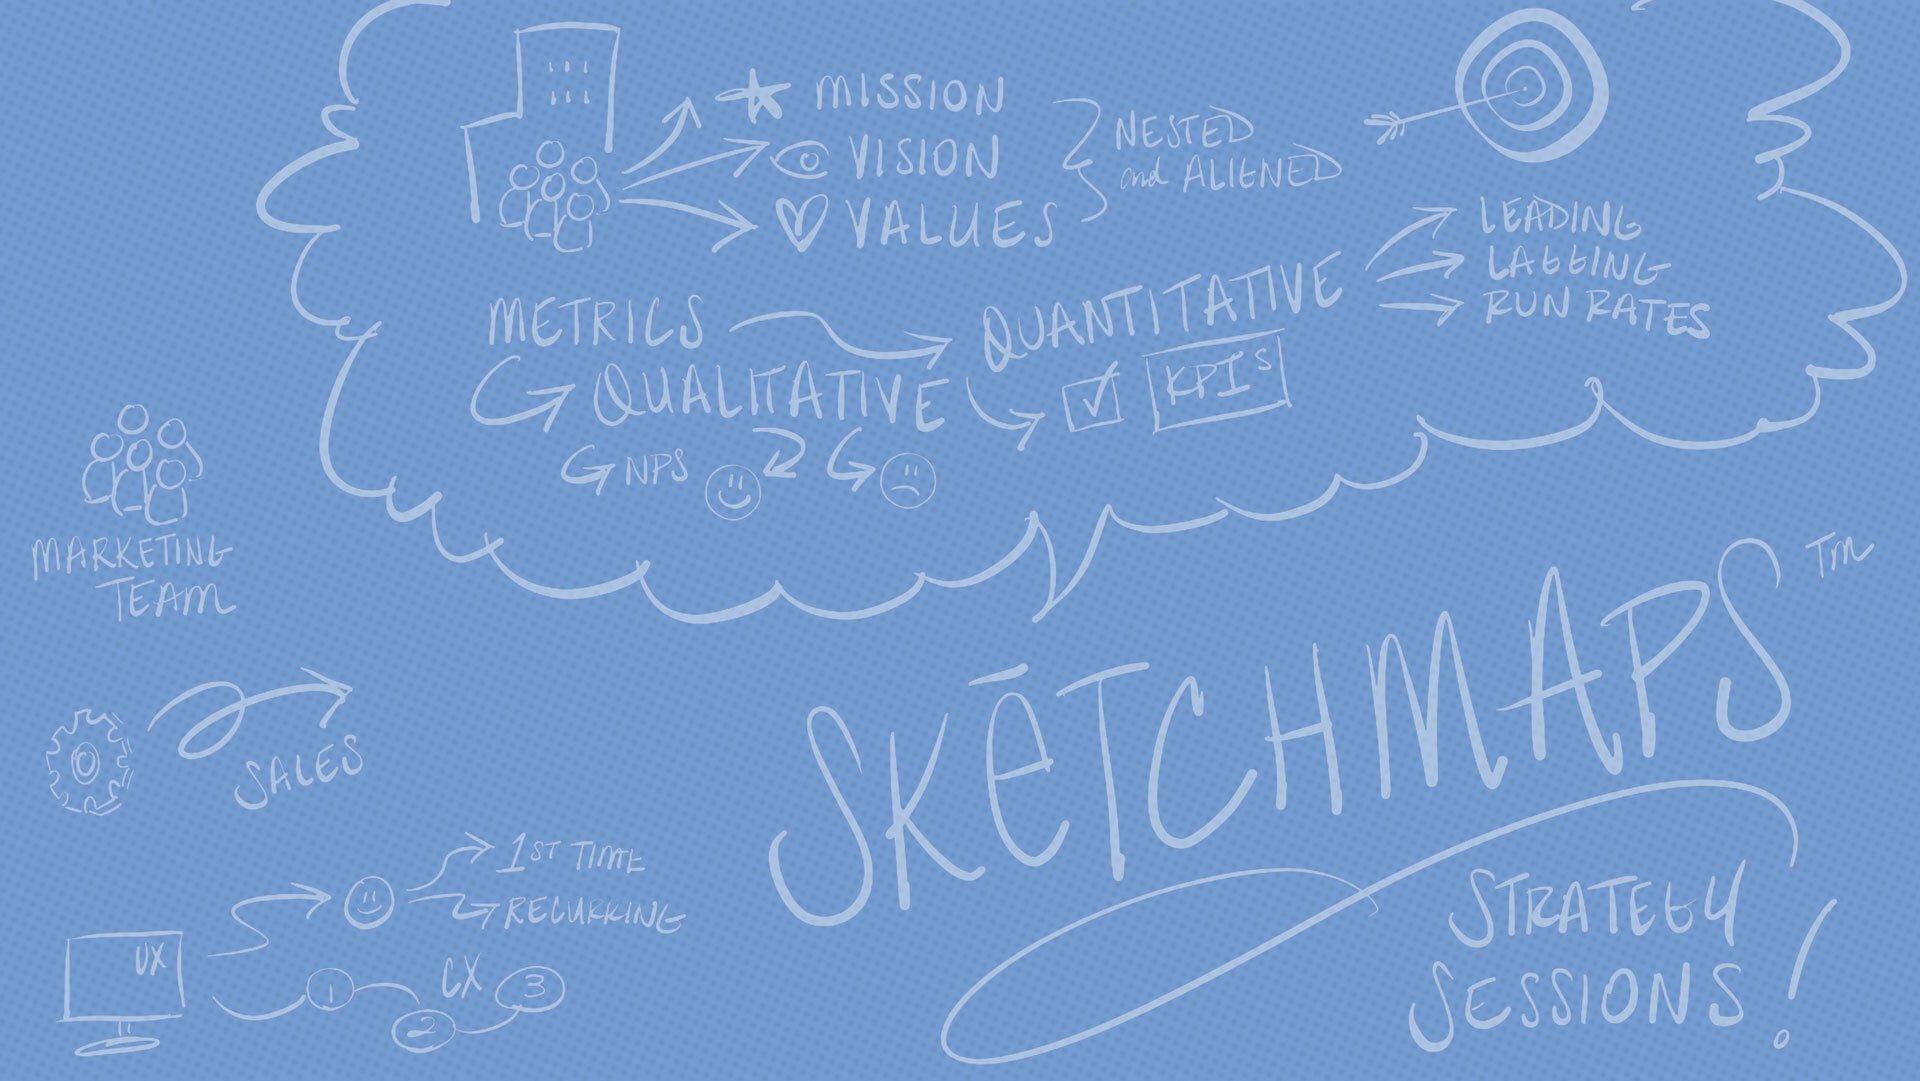 3-of-3-nocrop-sketchmaps